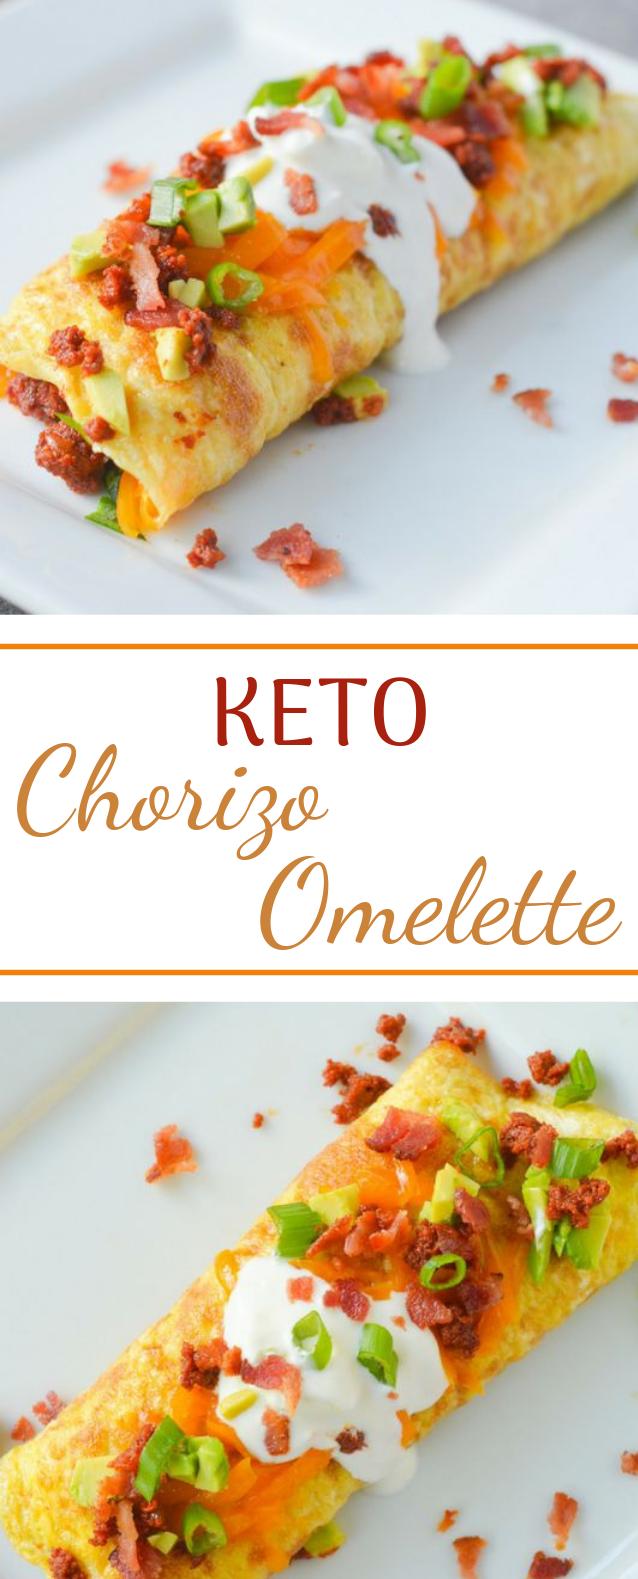 Keto Chorizo Omelette #breakfast #diet